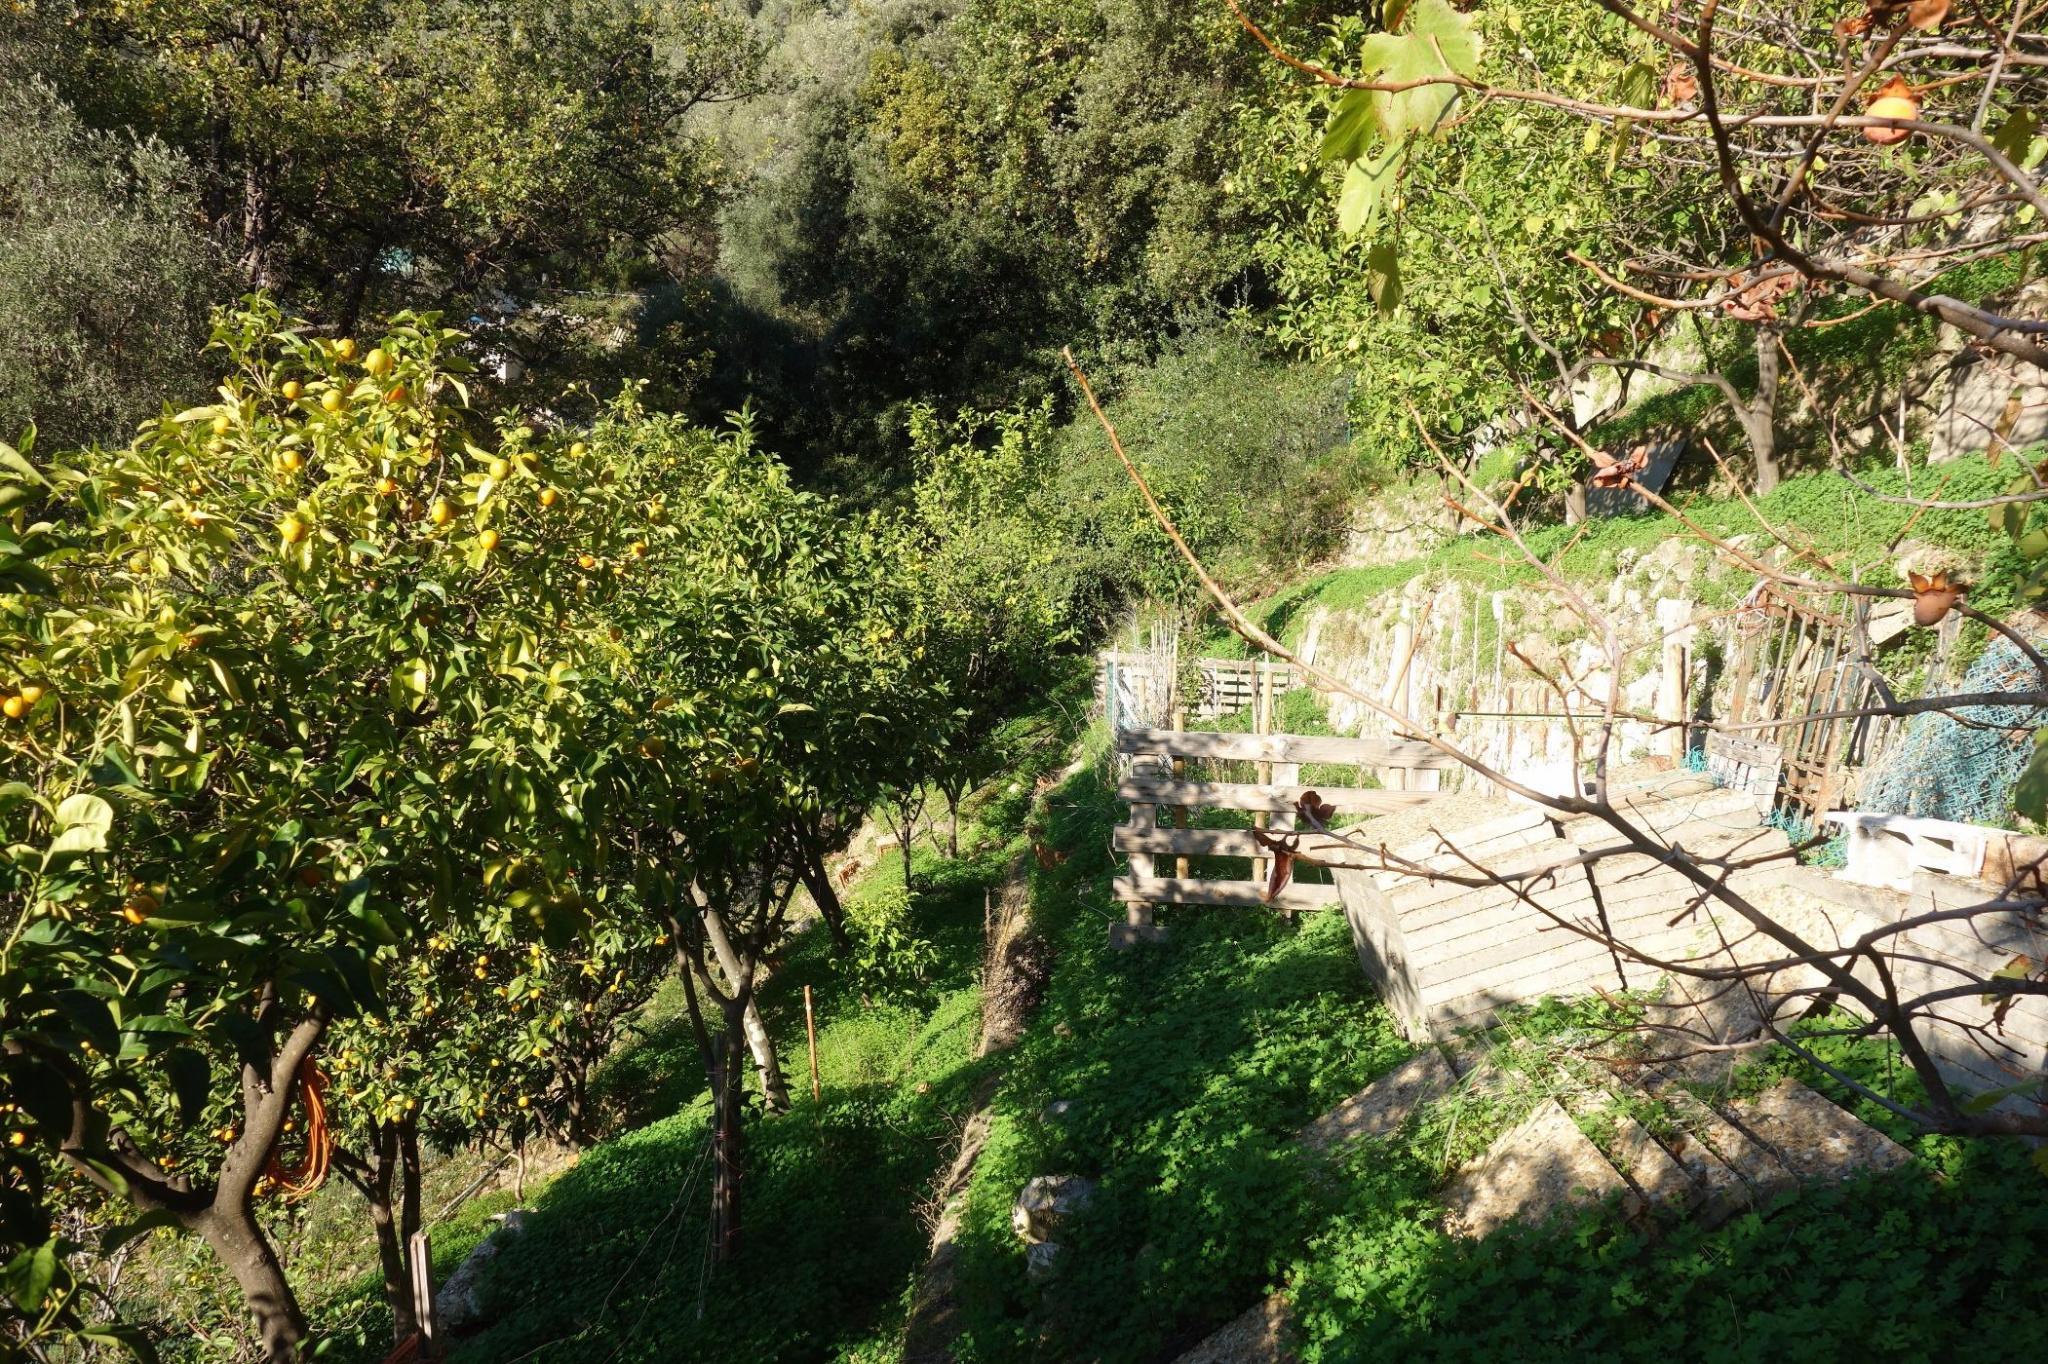 Vente menton terrain agricole non constructible de for Prix des terrains non constructibles